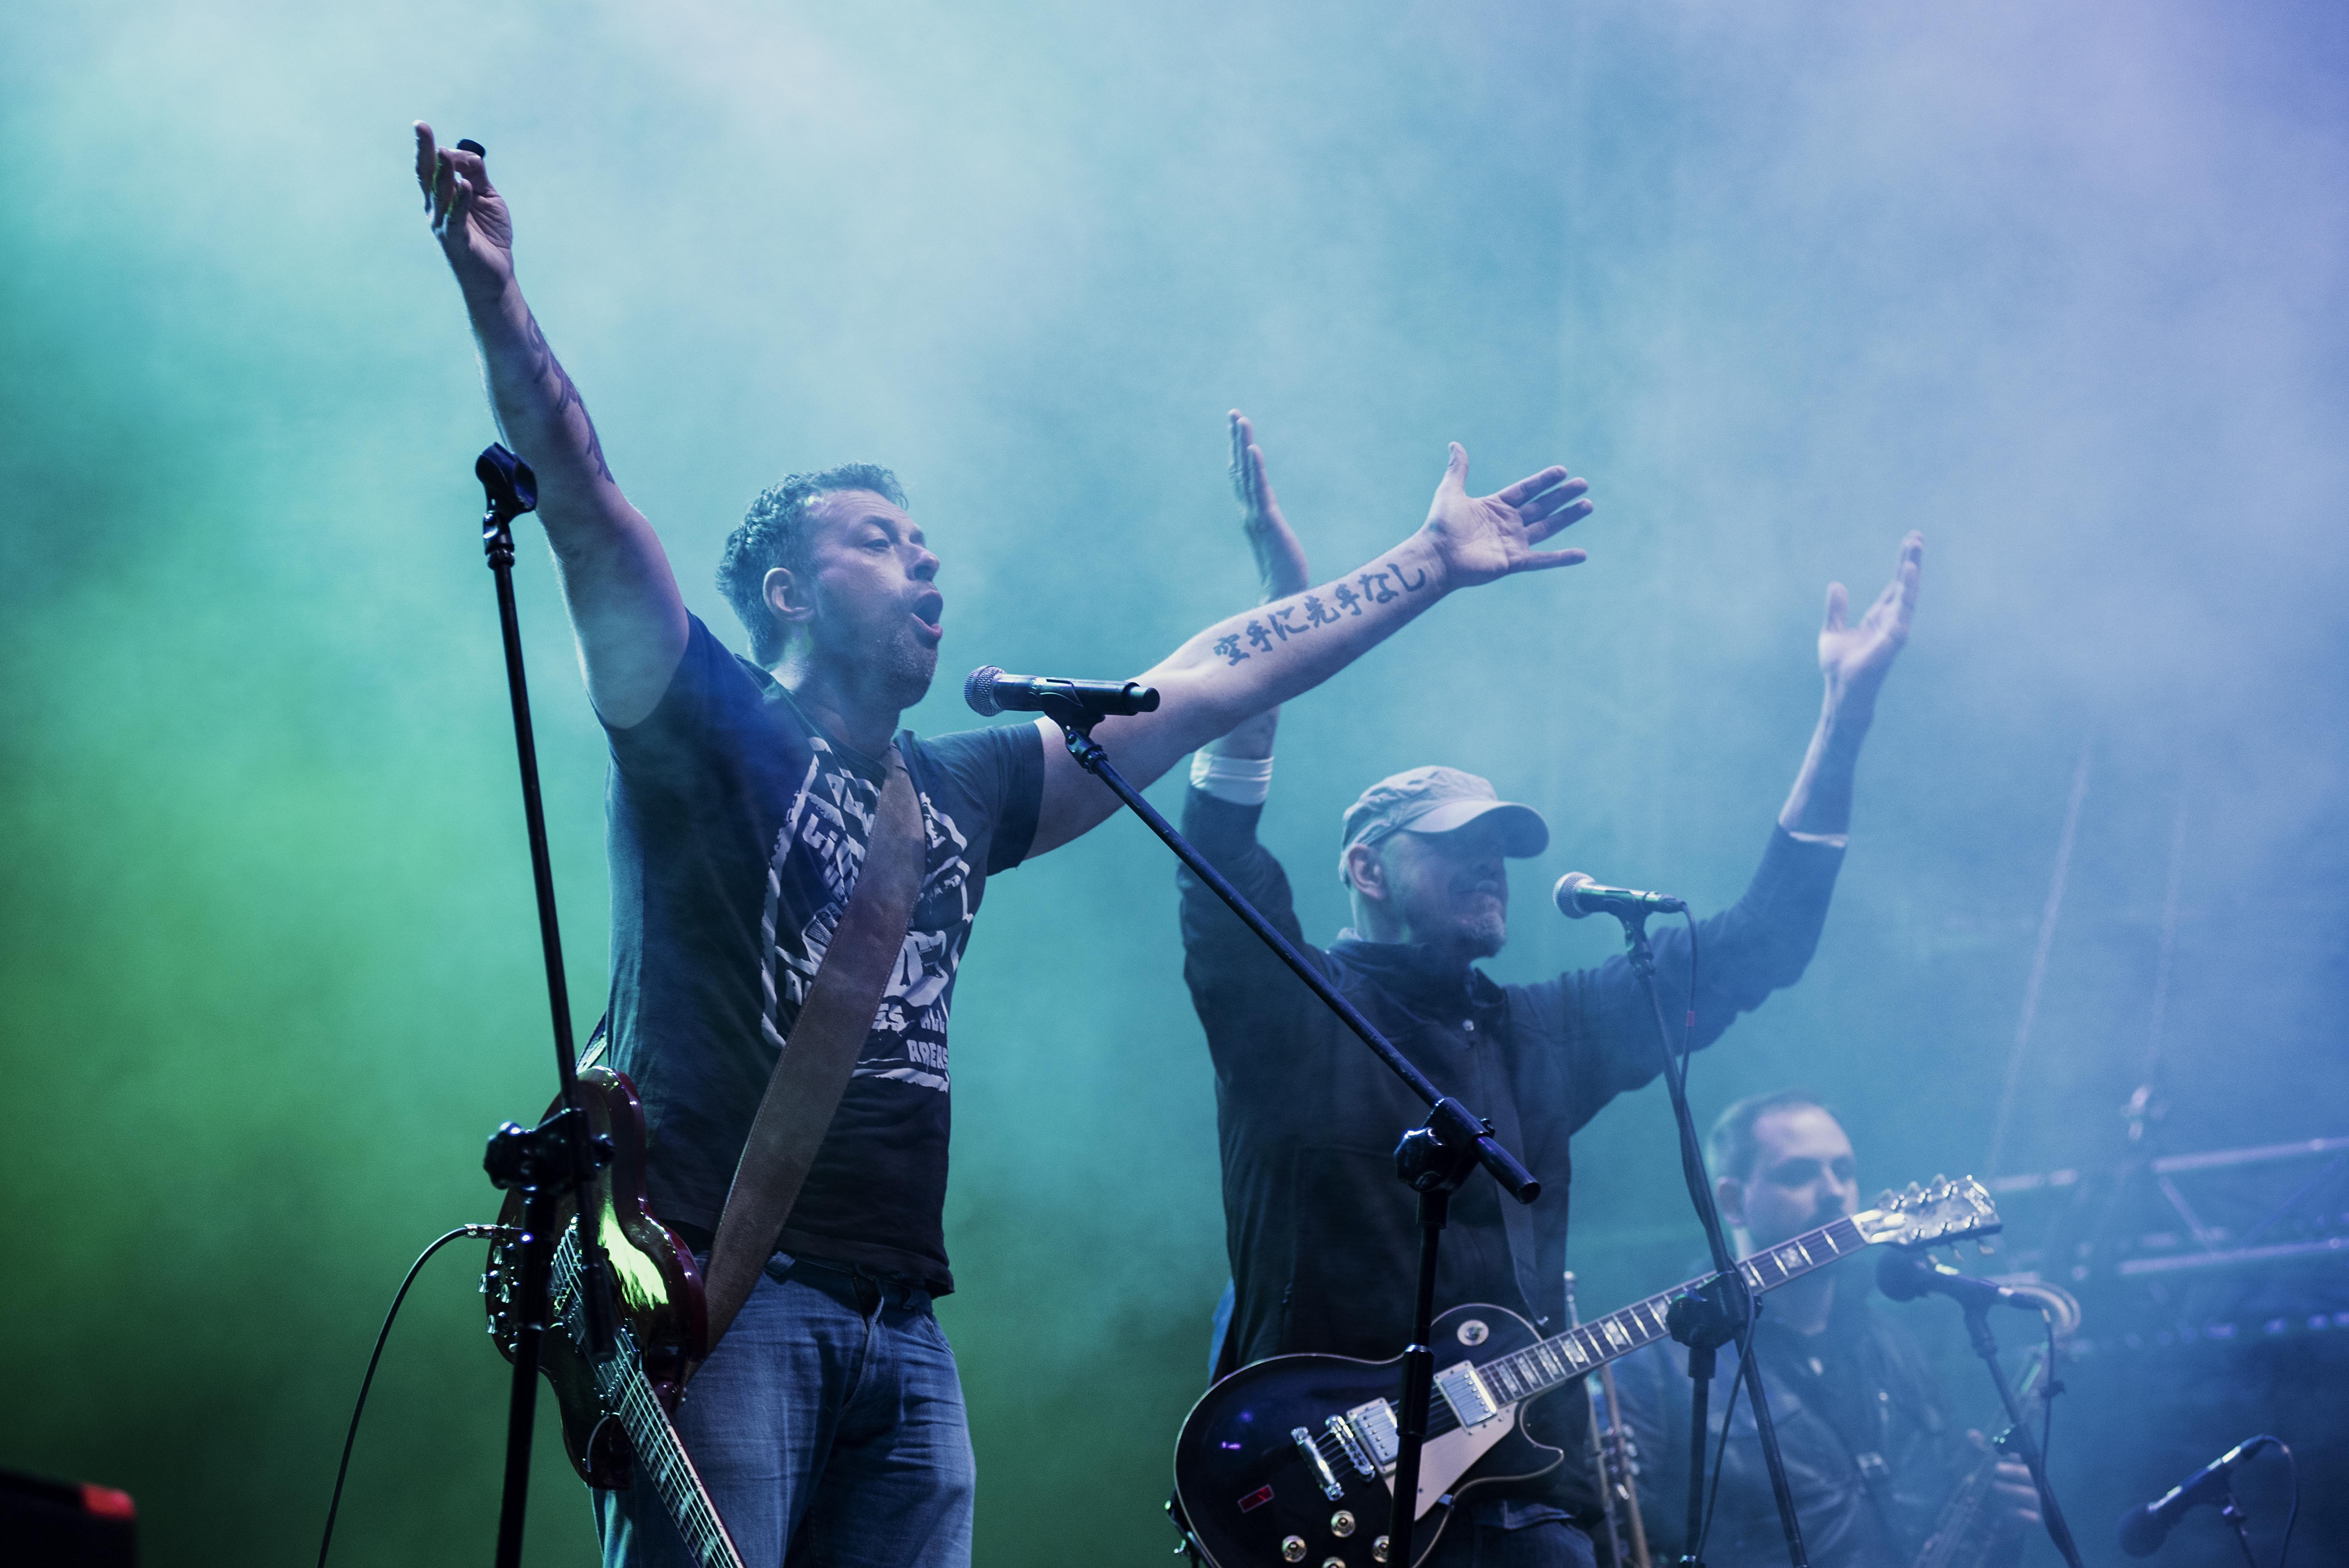 Zdjęcie ukazuje Tymona Tymańskiego wraz z dwoma innymi muzykami. Dwóch z nich ma uniesione do góry ręce, jakby mieli klaskać w górze.